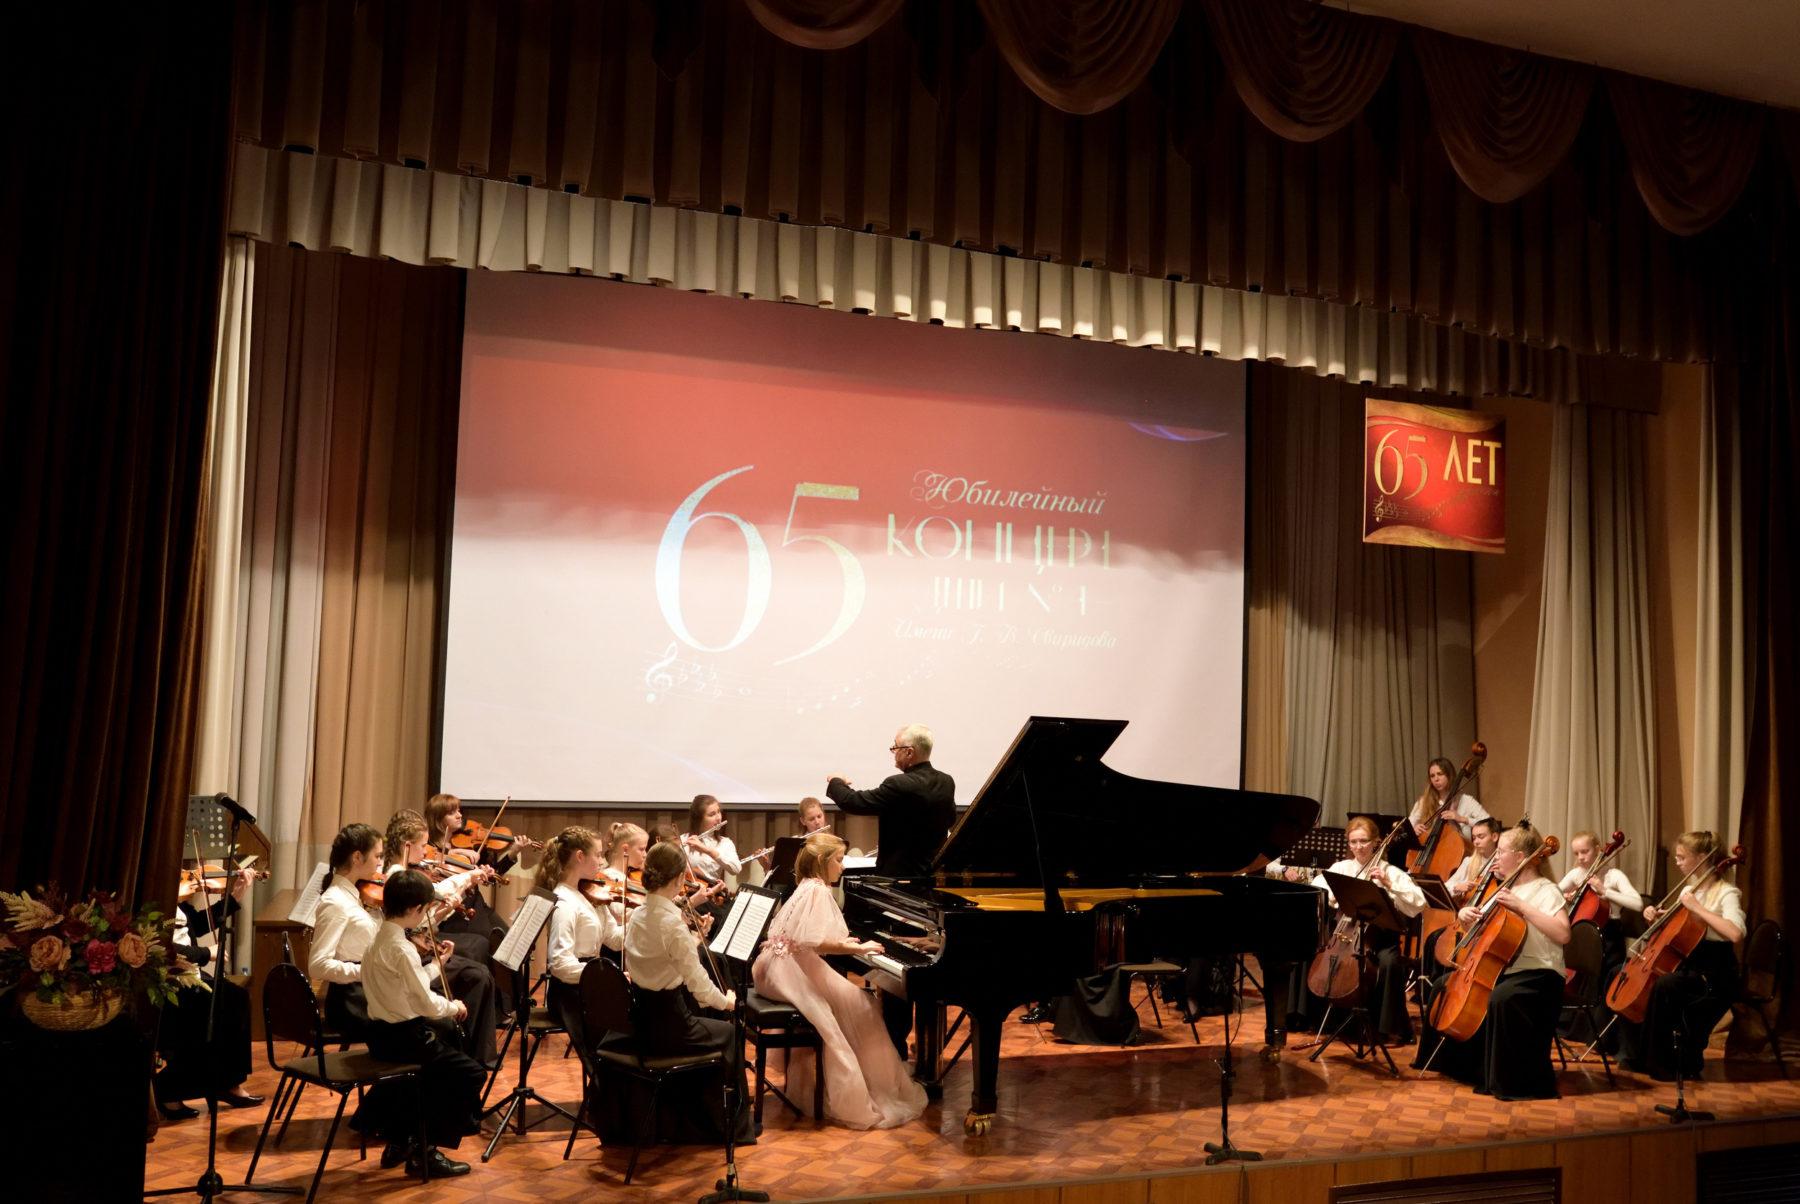 Детская школа искусств имени Георгия Свиридова отметила 65-летие в Балашихе